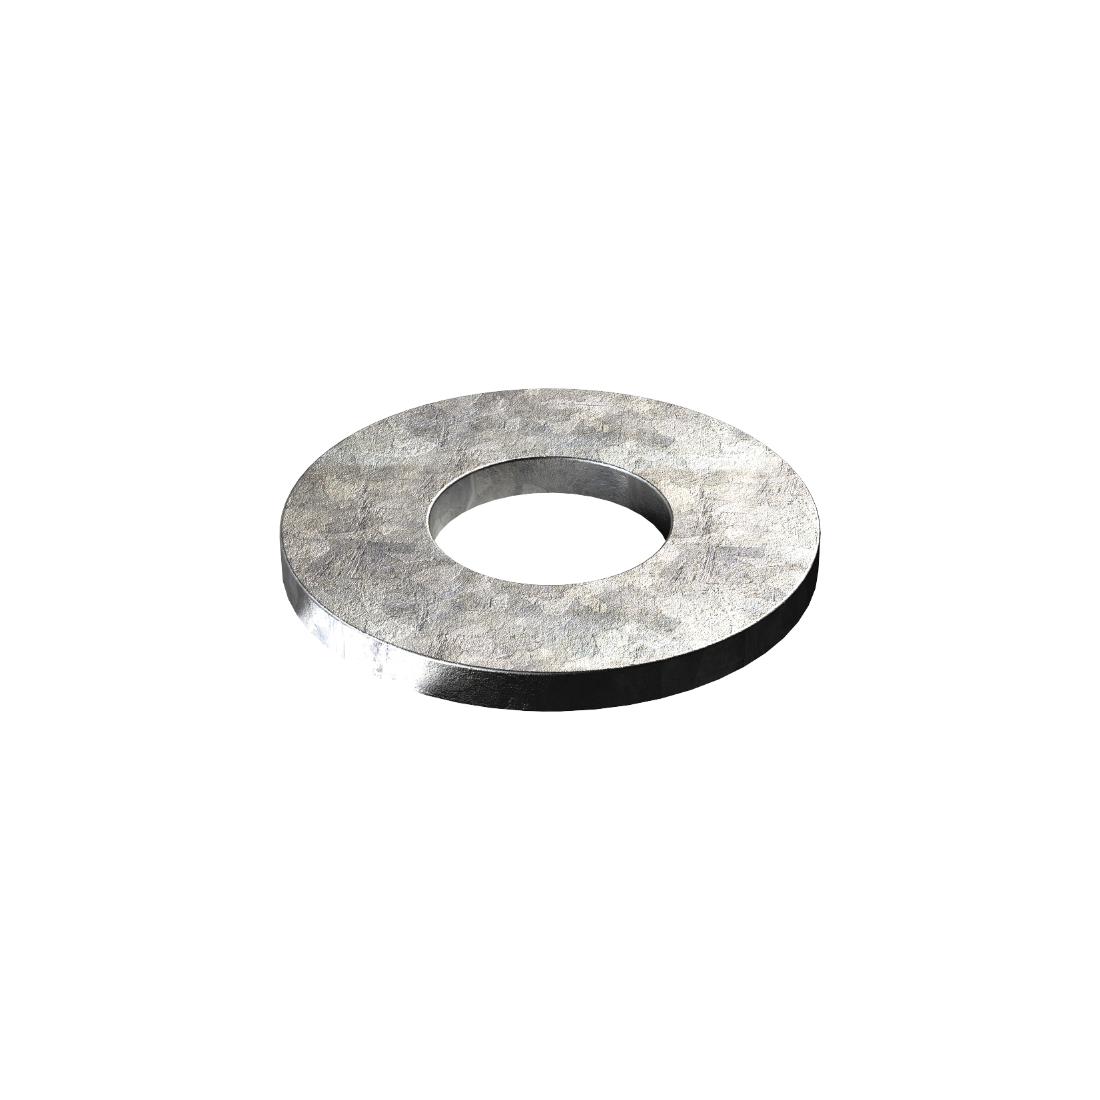 Flat Round Washer M12 x 28 x 3mm Mild Steel Galvanised WFRMG122836